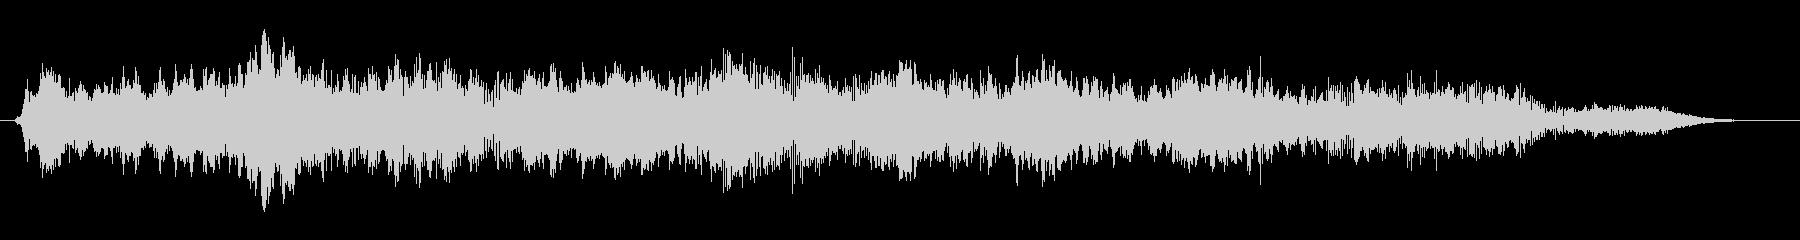 パッド ホラーソナー03の未再生の波形